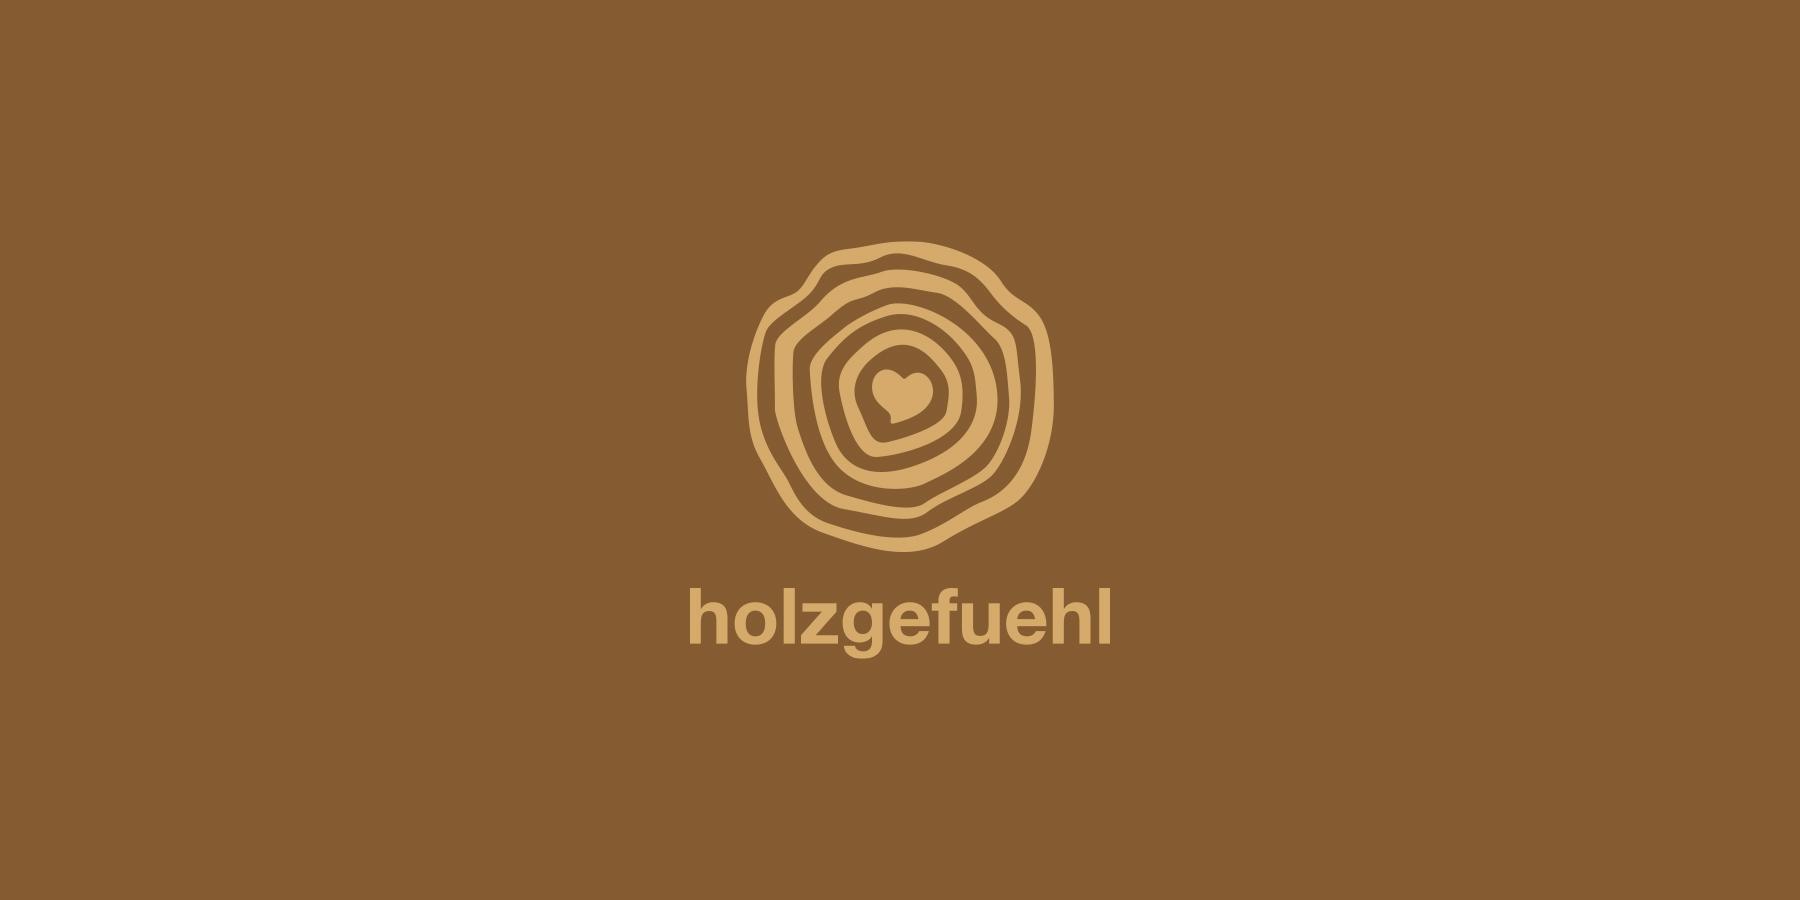 holzgefuehl-logo-design-04